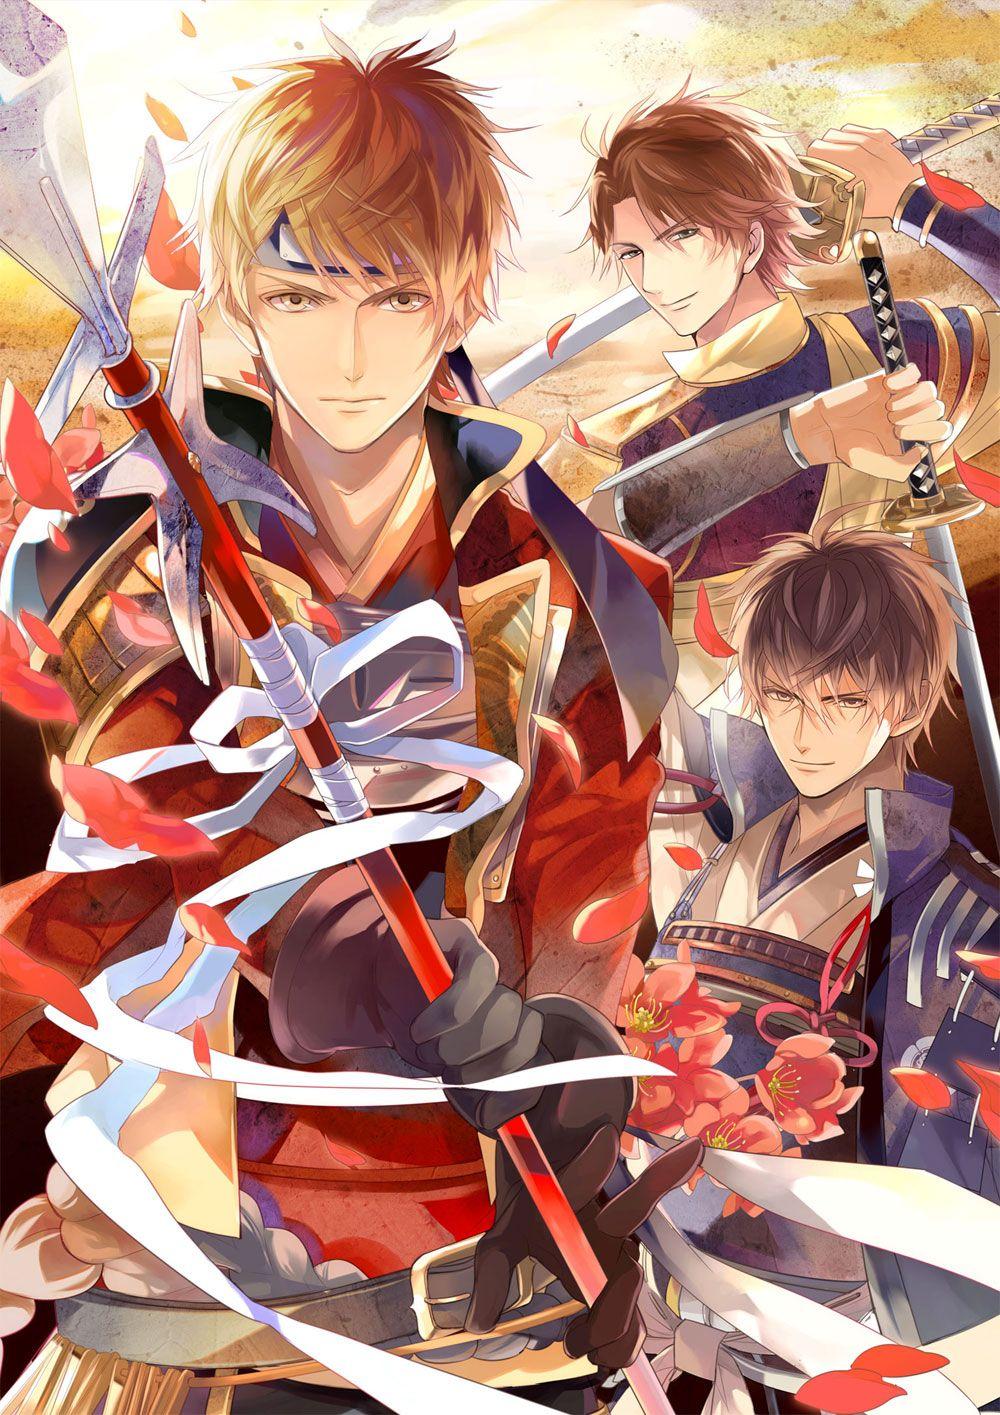 El juego de Ikemen Sengoku tendrá adaptación a obra de teatro en abril.